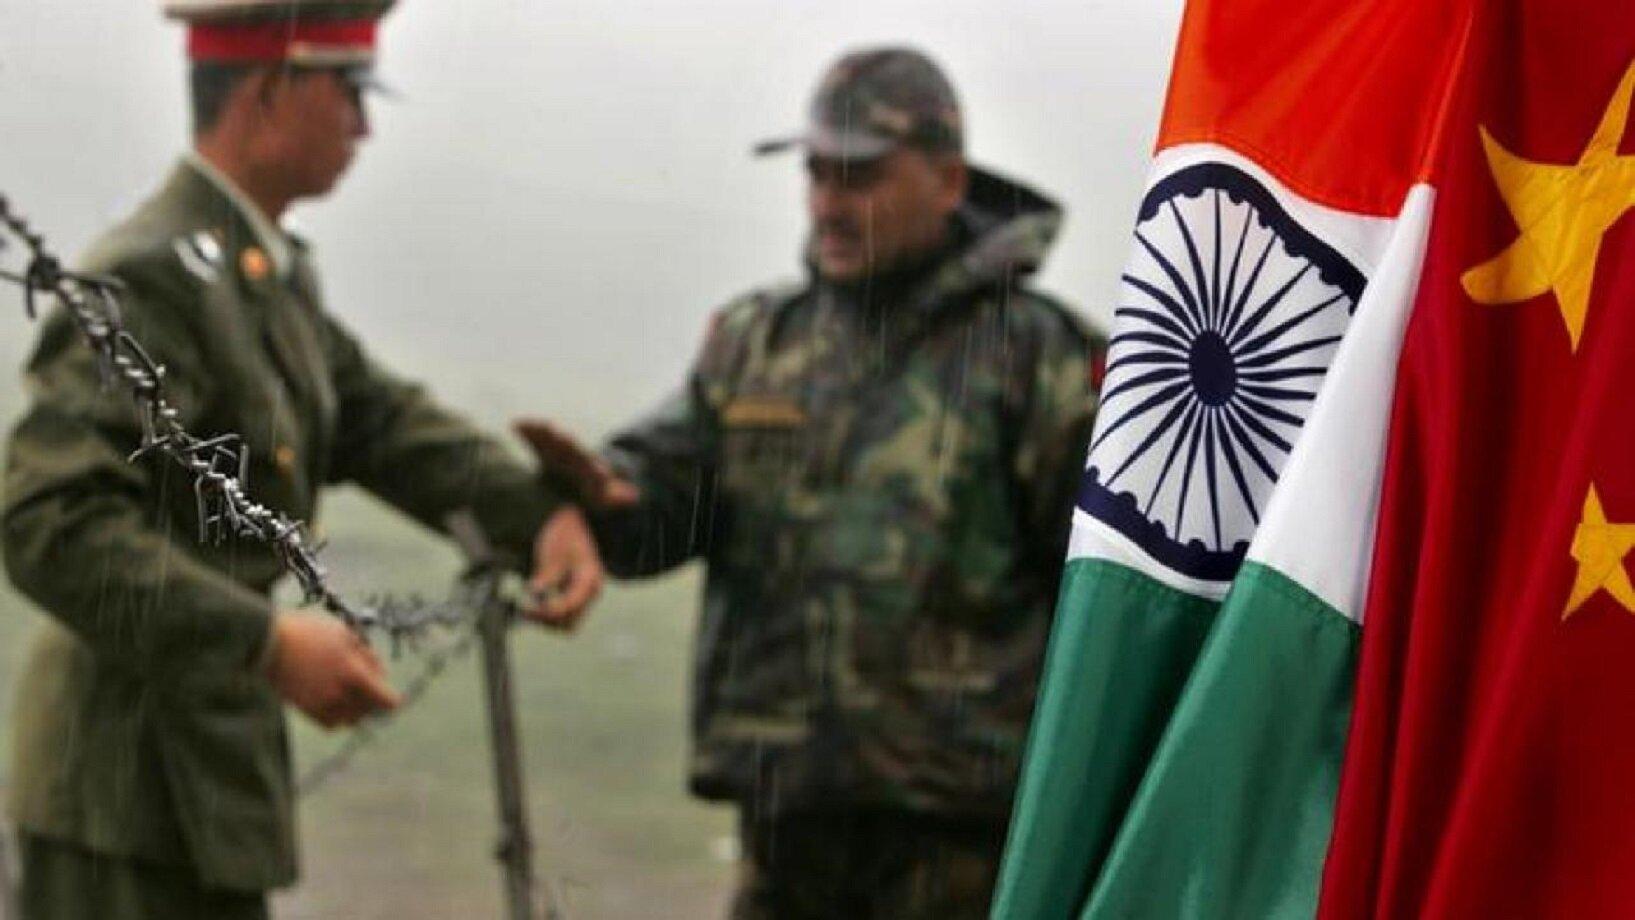 Çin-Hindistan geriliminde flaş gelişme